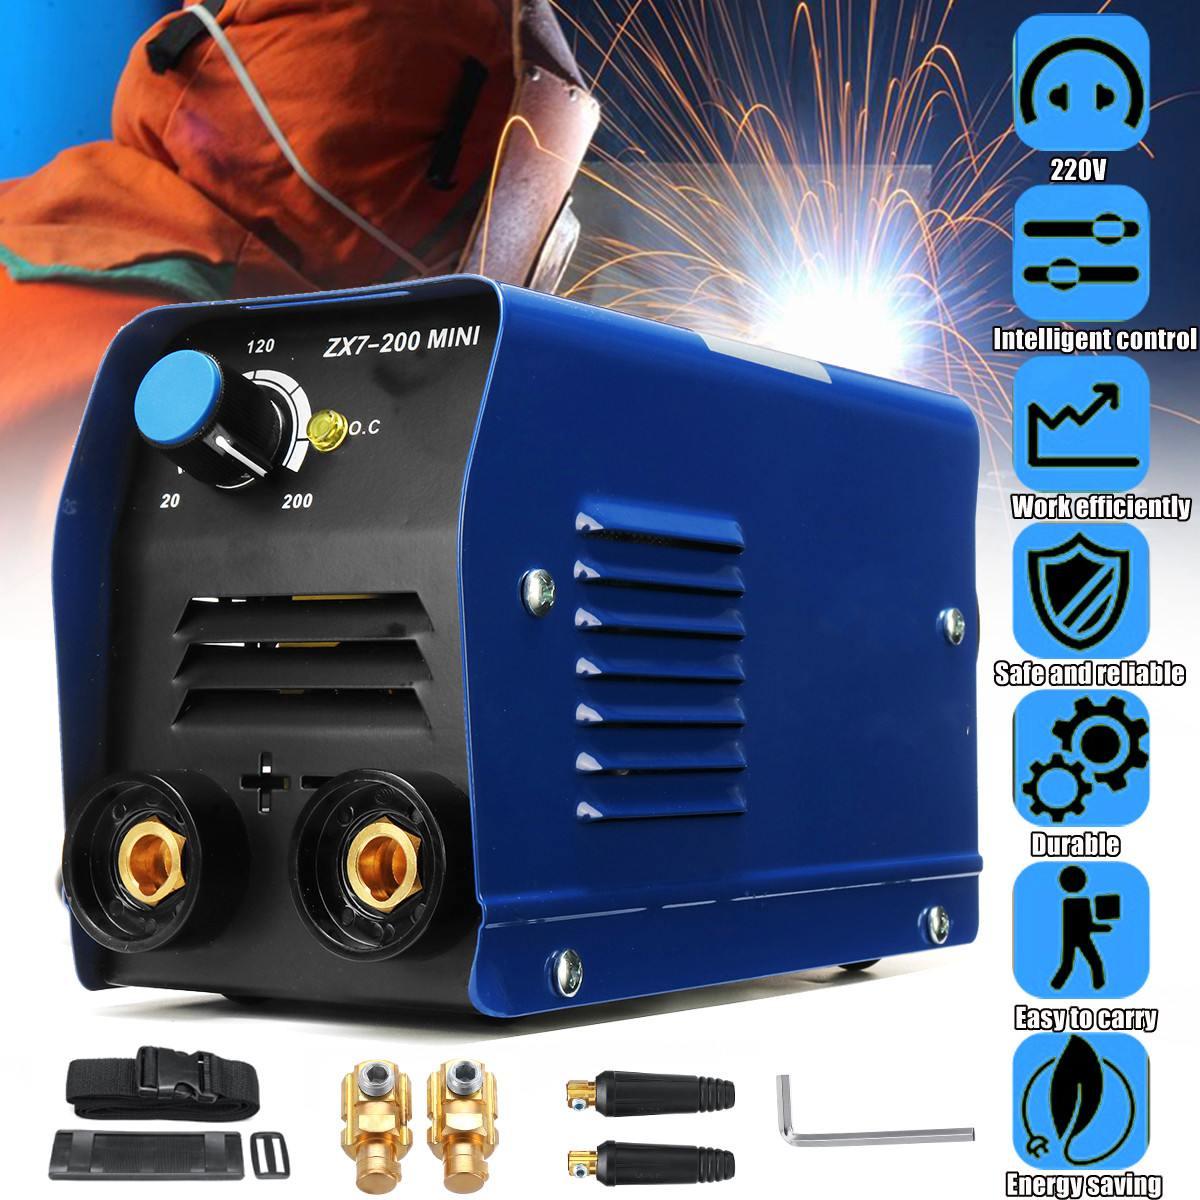 Aletler'ten Ark Kaynak Makineleri'de 220V ZX7 200 MINI elektrikli kaynakçı ev küçük invertör DC taşınabilir bakır çekirdek KAYNAK MAKINESİ mavi title=